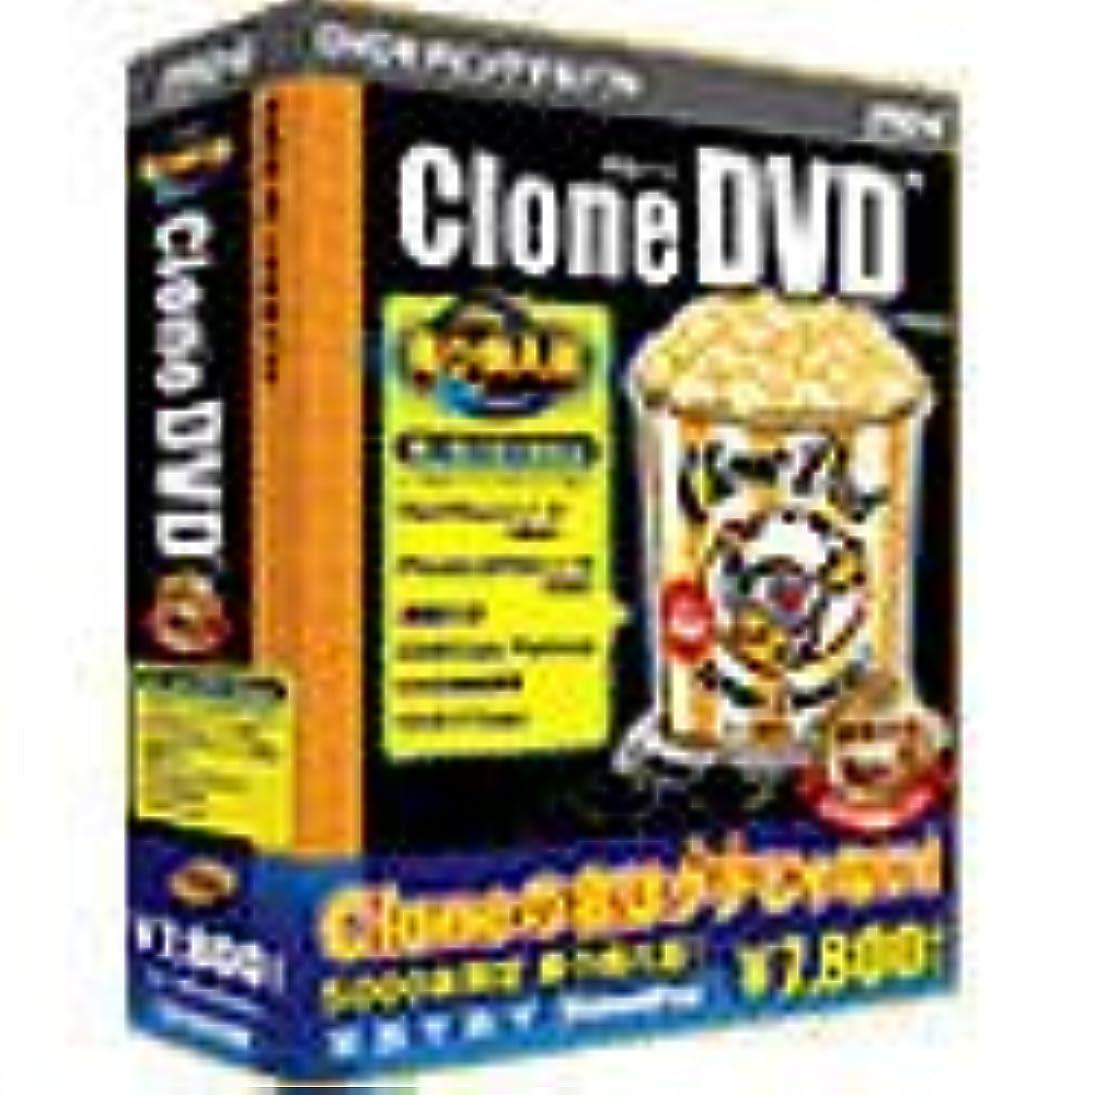 ミュージカルカップル脅威CloneDVD for Windows 乗り換え版